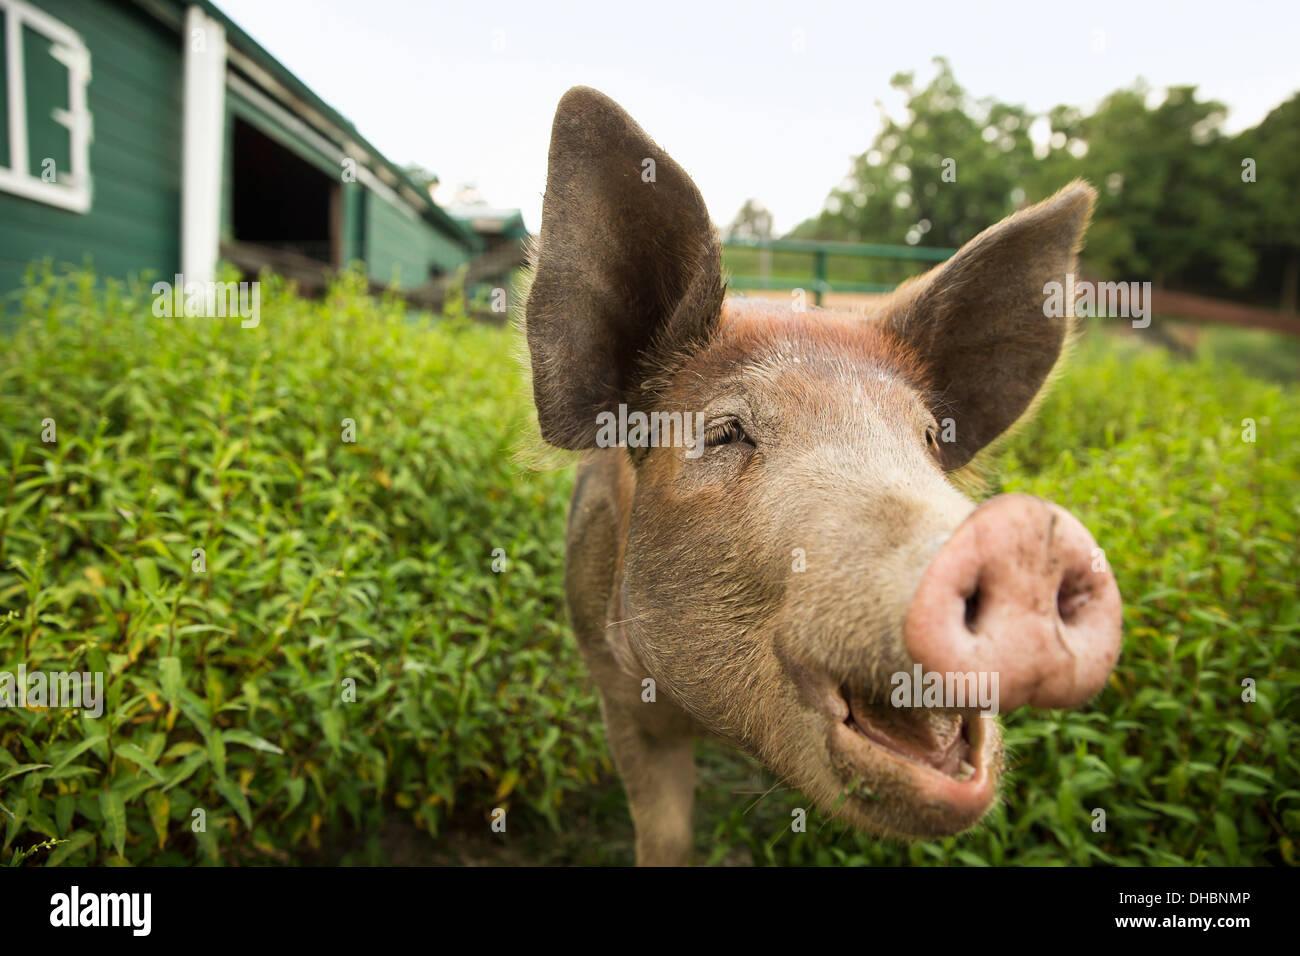 Ein Bio-Bauernhof in den Catskills. Ein Schwein. Stockbild